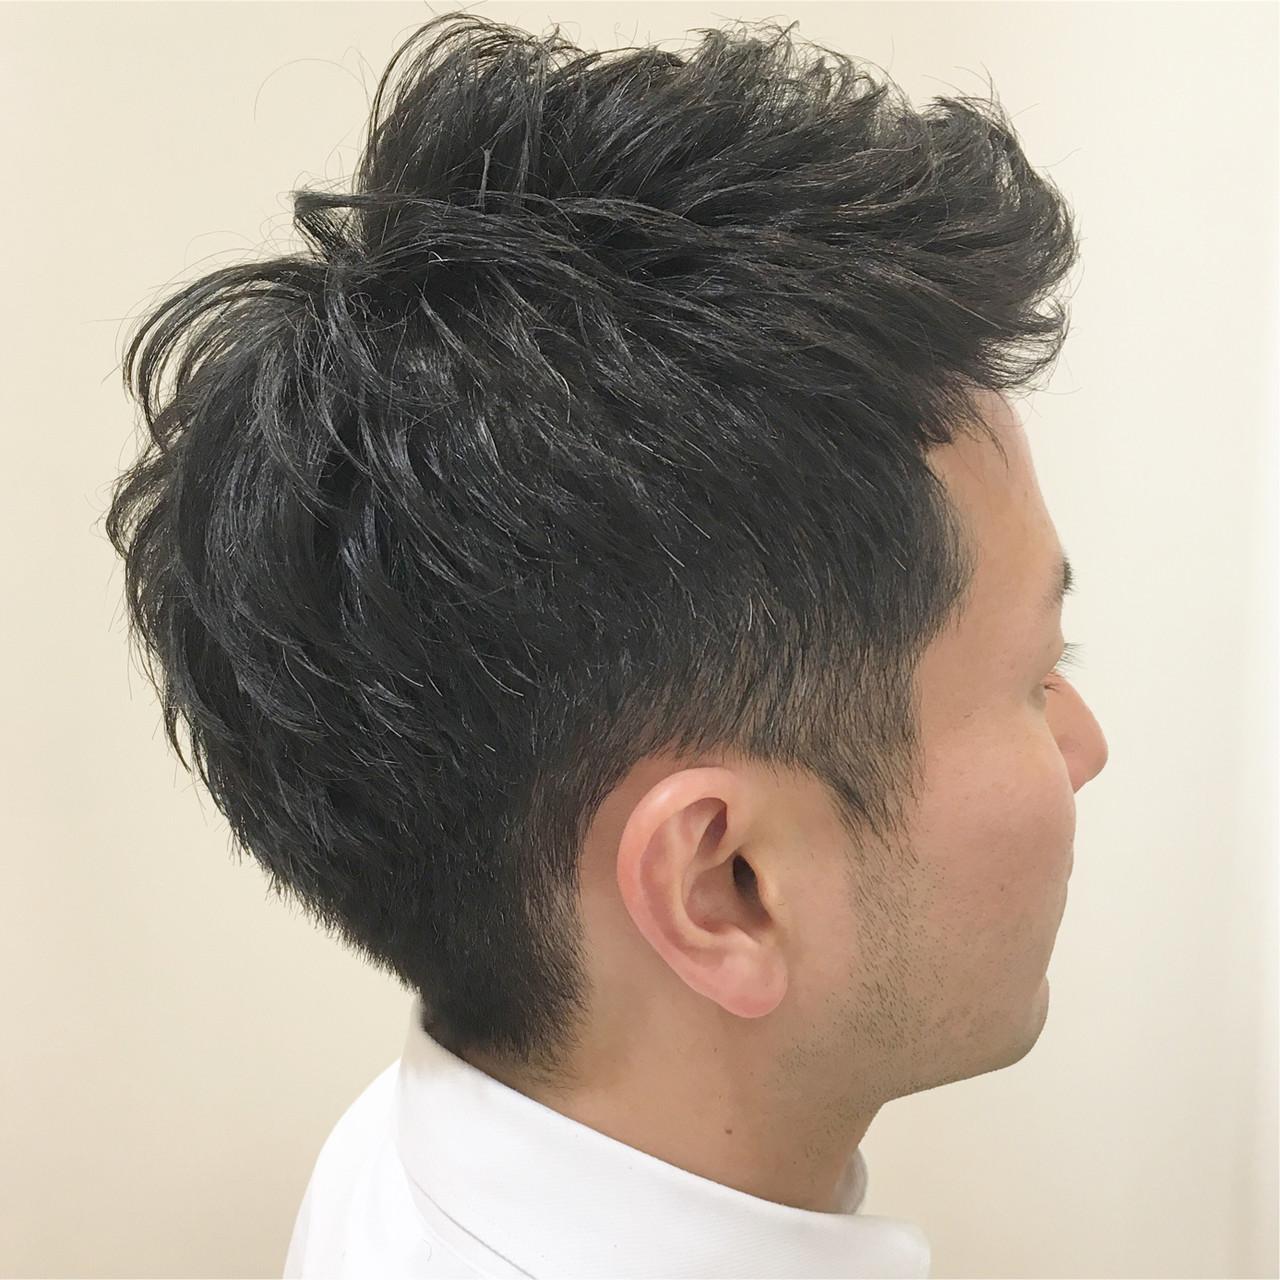 刈り上げ アップバング メンズ ツーブロック ヘアスタイルや髪型の写真・画像 | 平本 詠一 / fabris